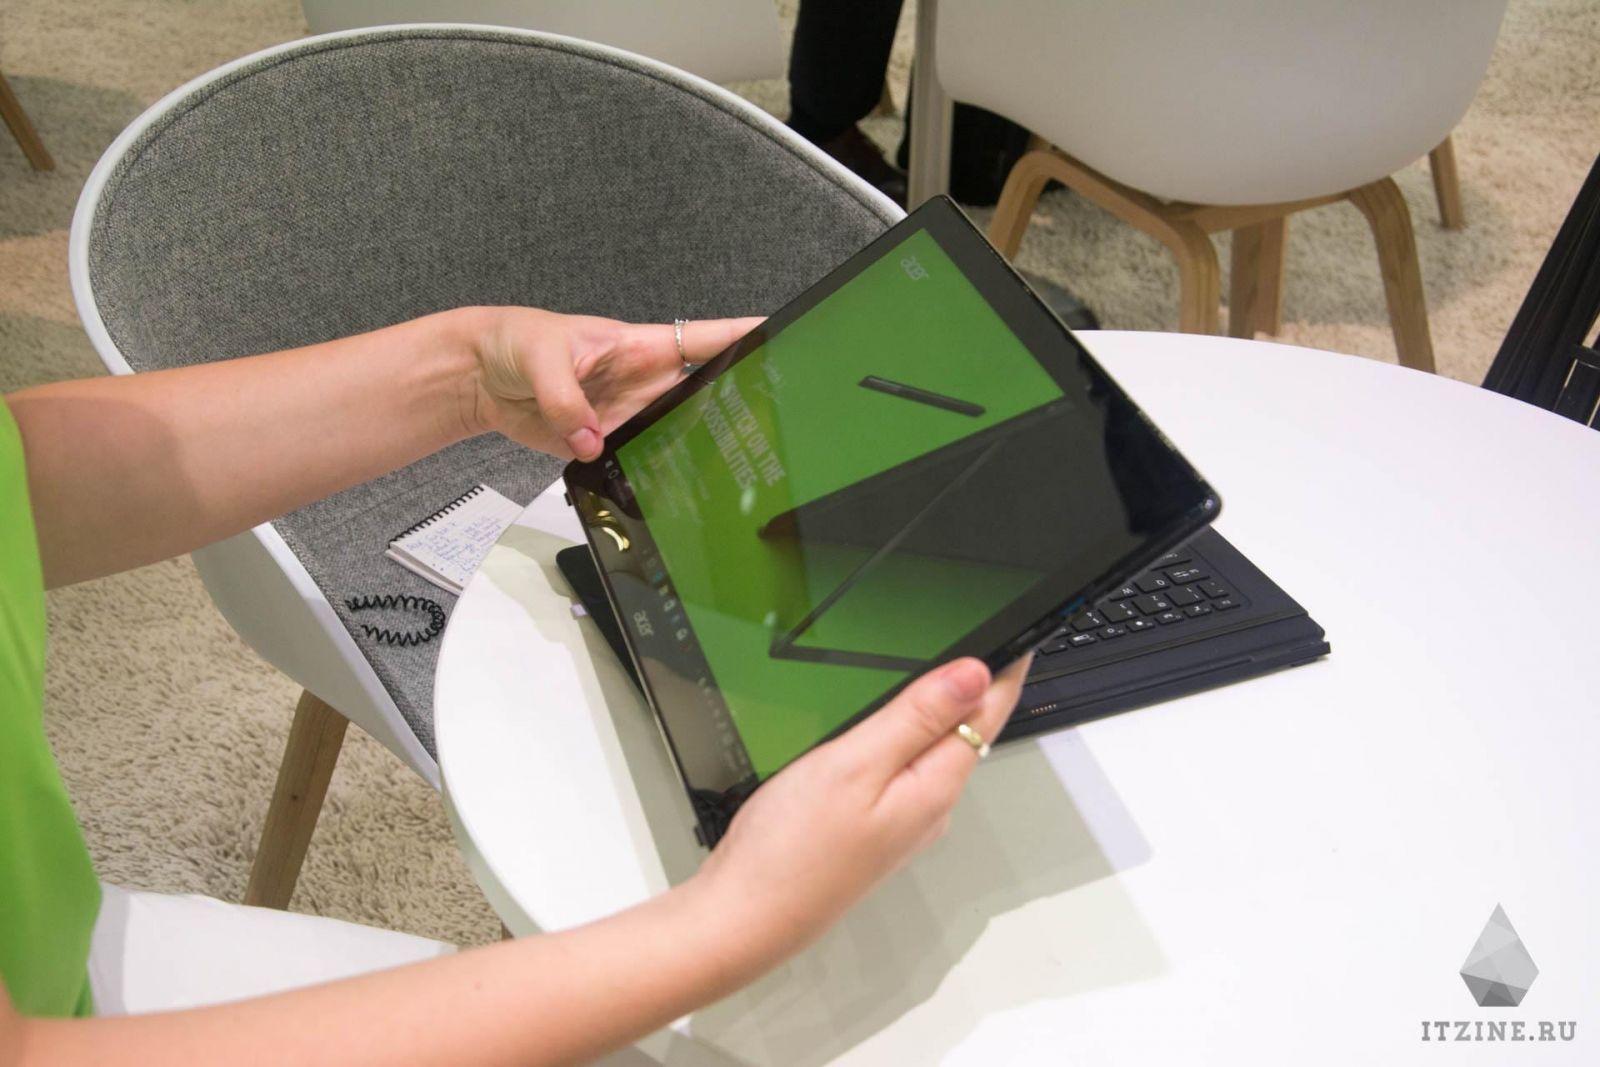 Acer Switch 7 в разобранном состоянии